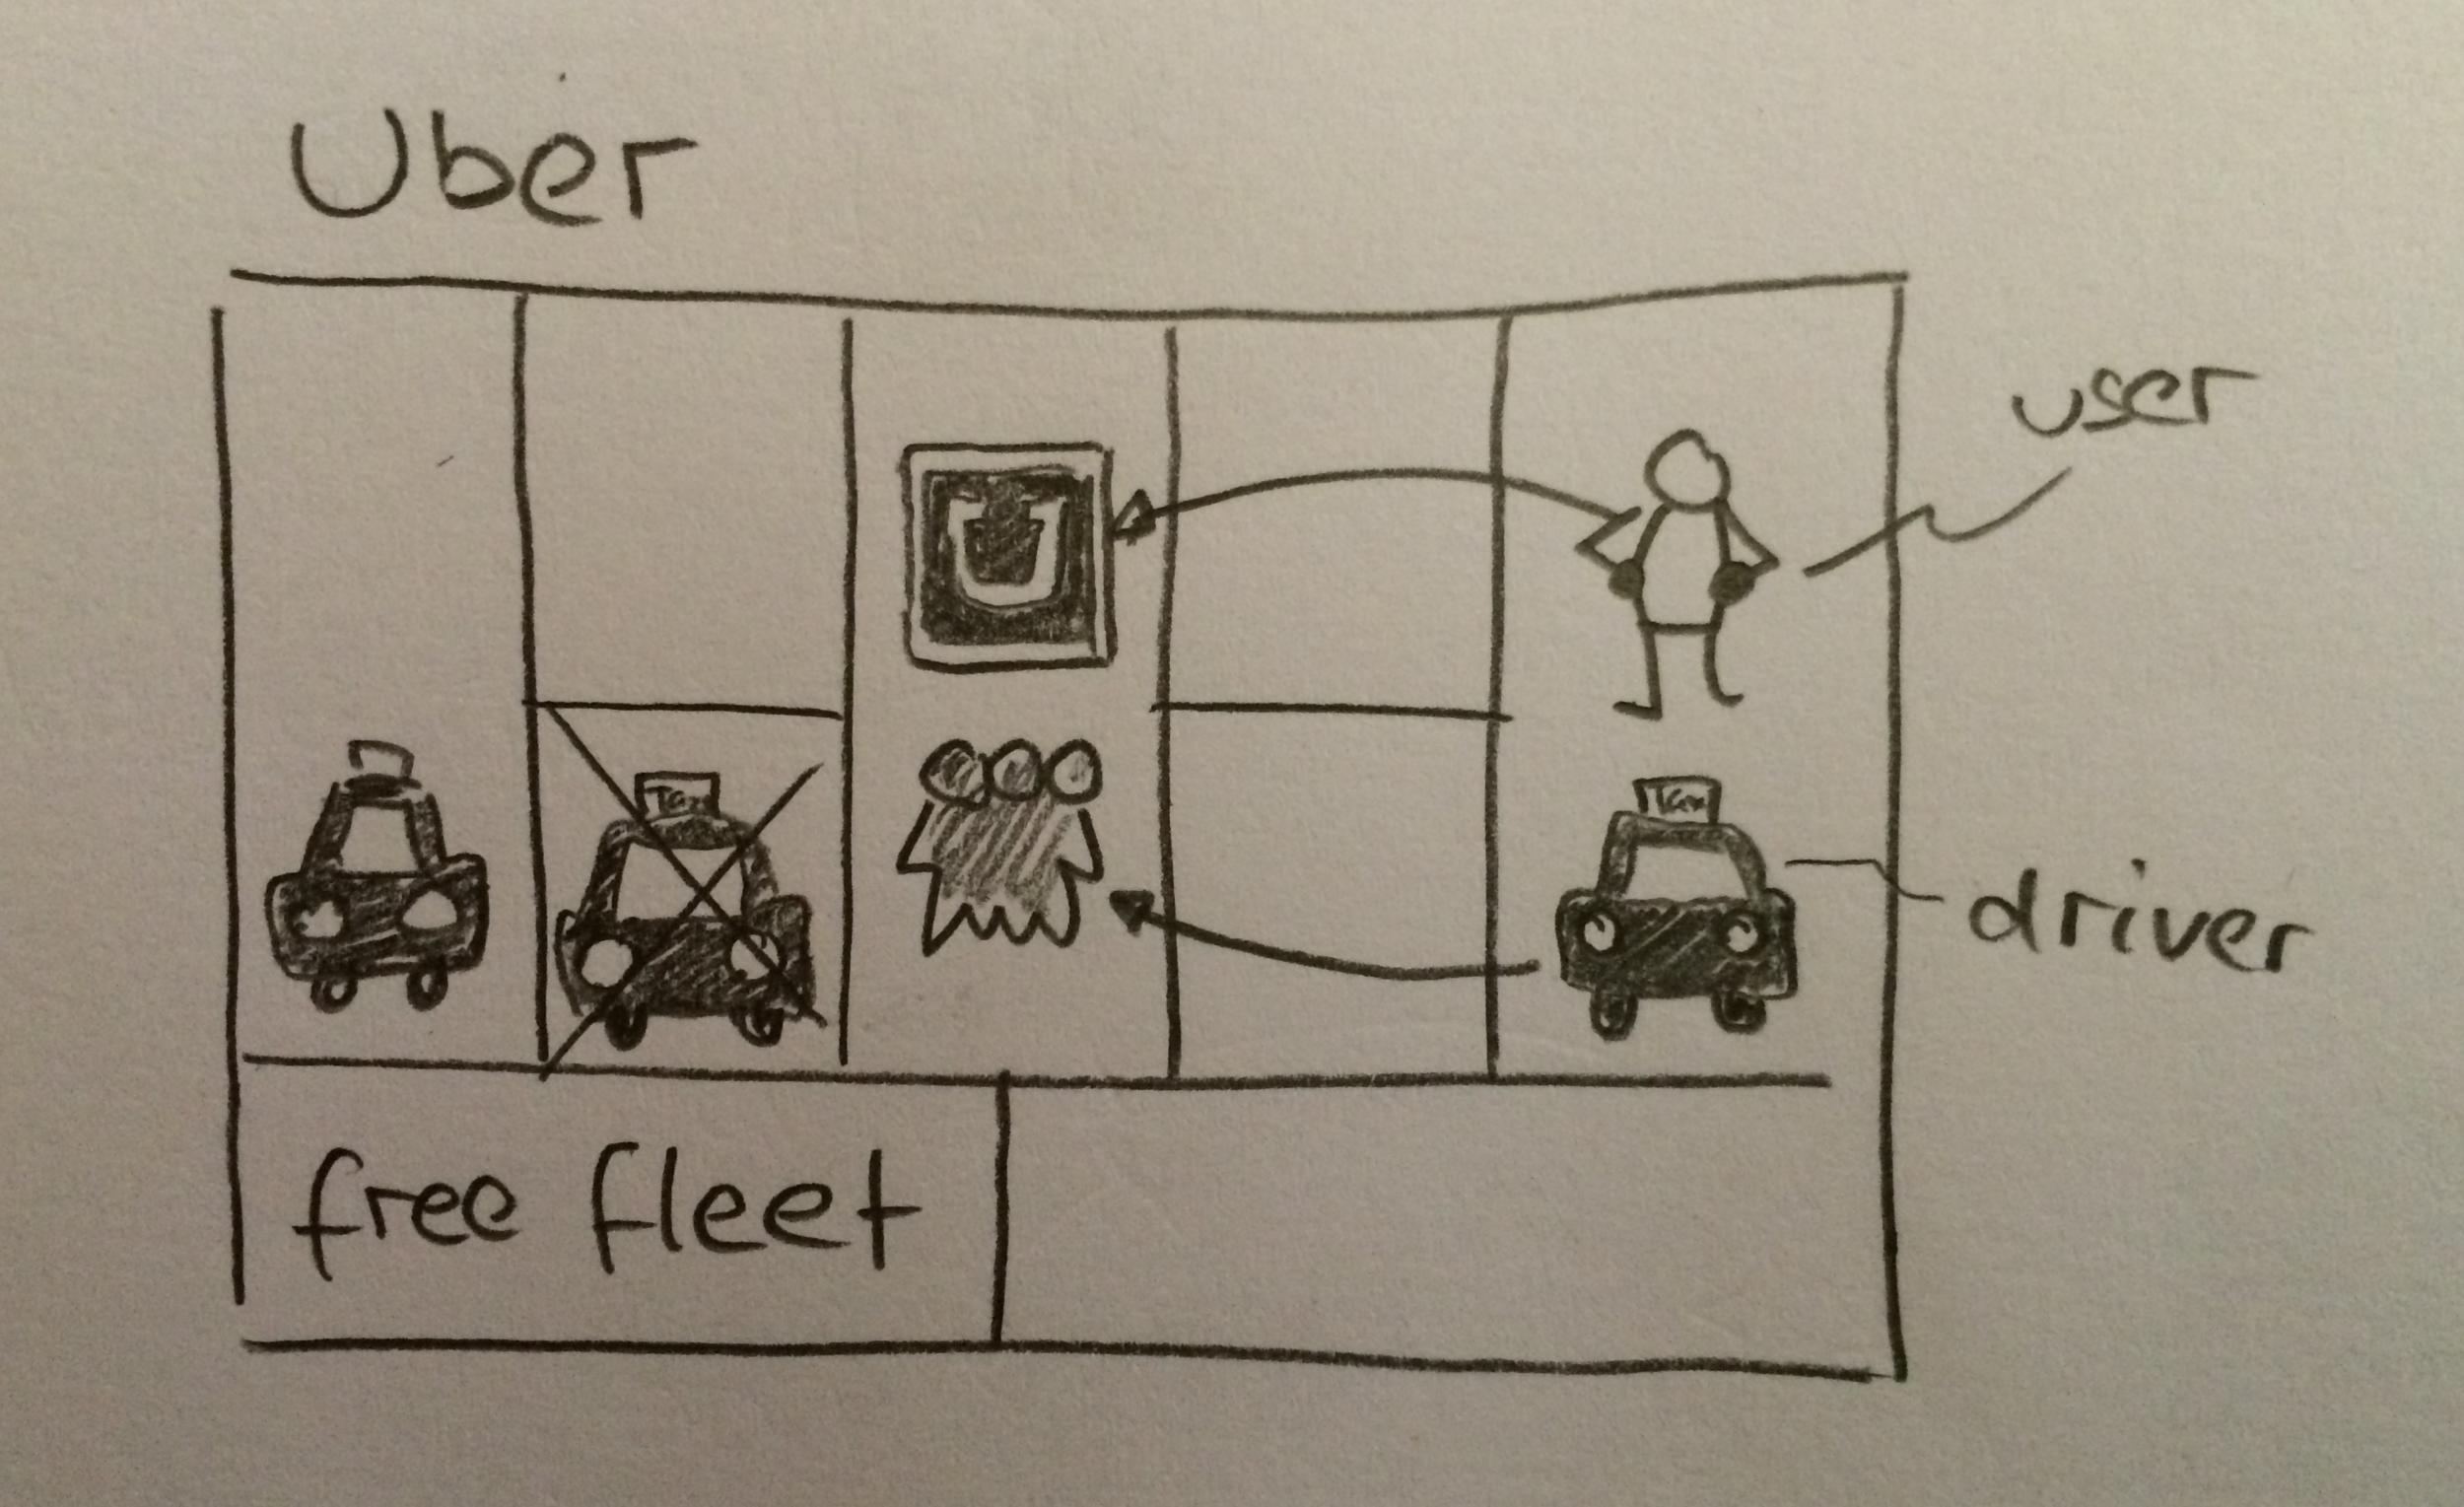 Uber-business-model.png